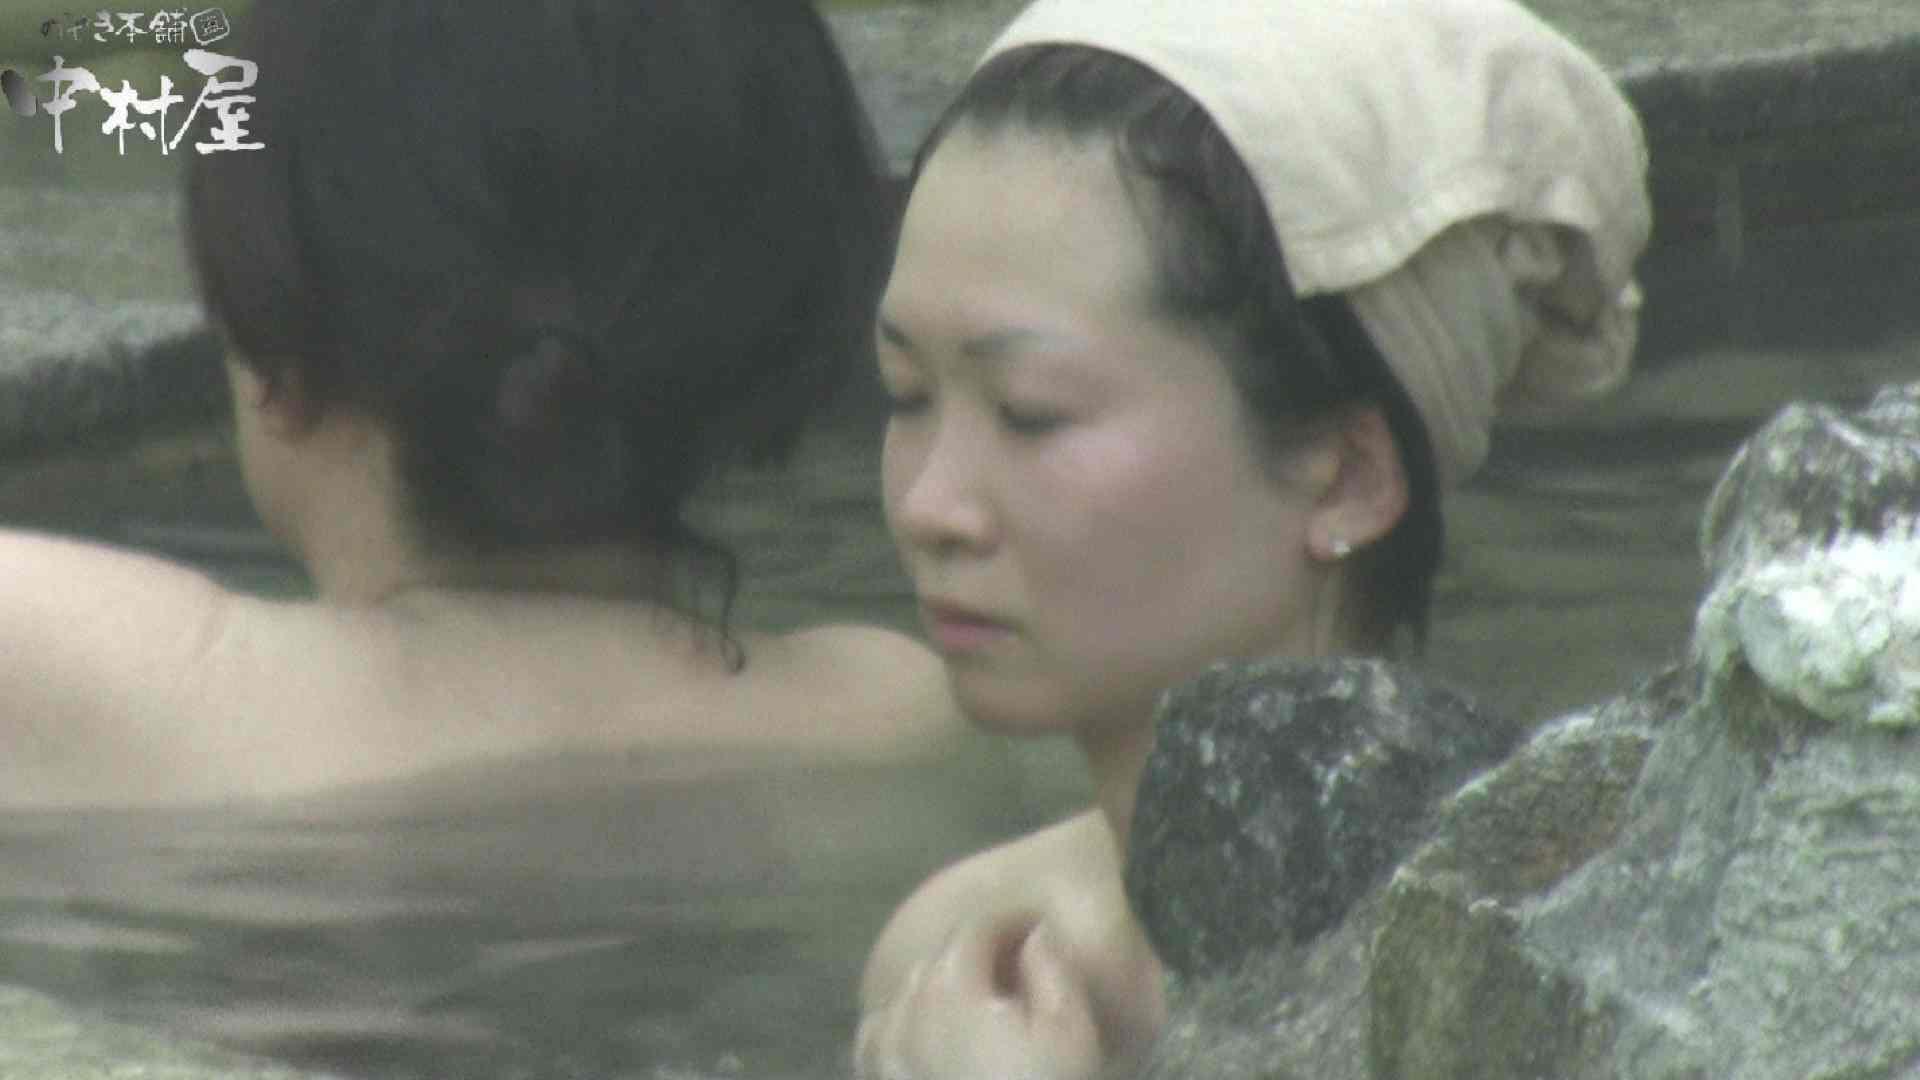 Aquaな露天風呂Vol.906 盗撮大放出  88連発 88